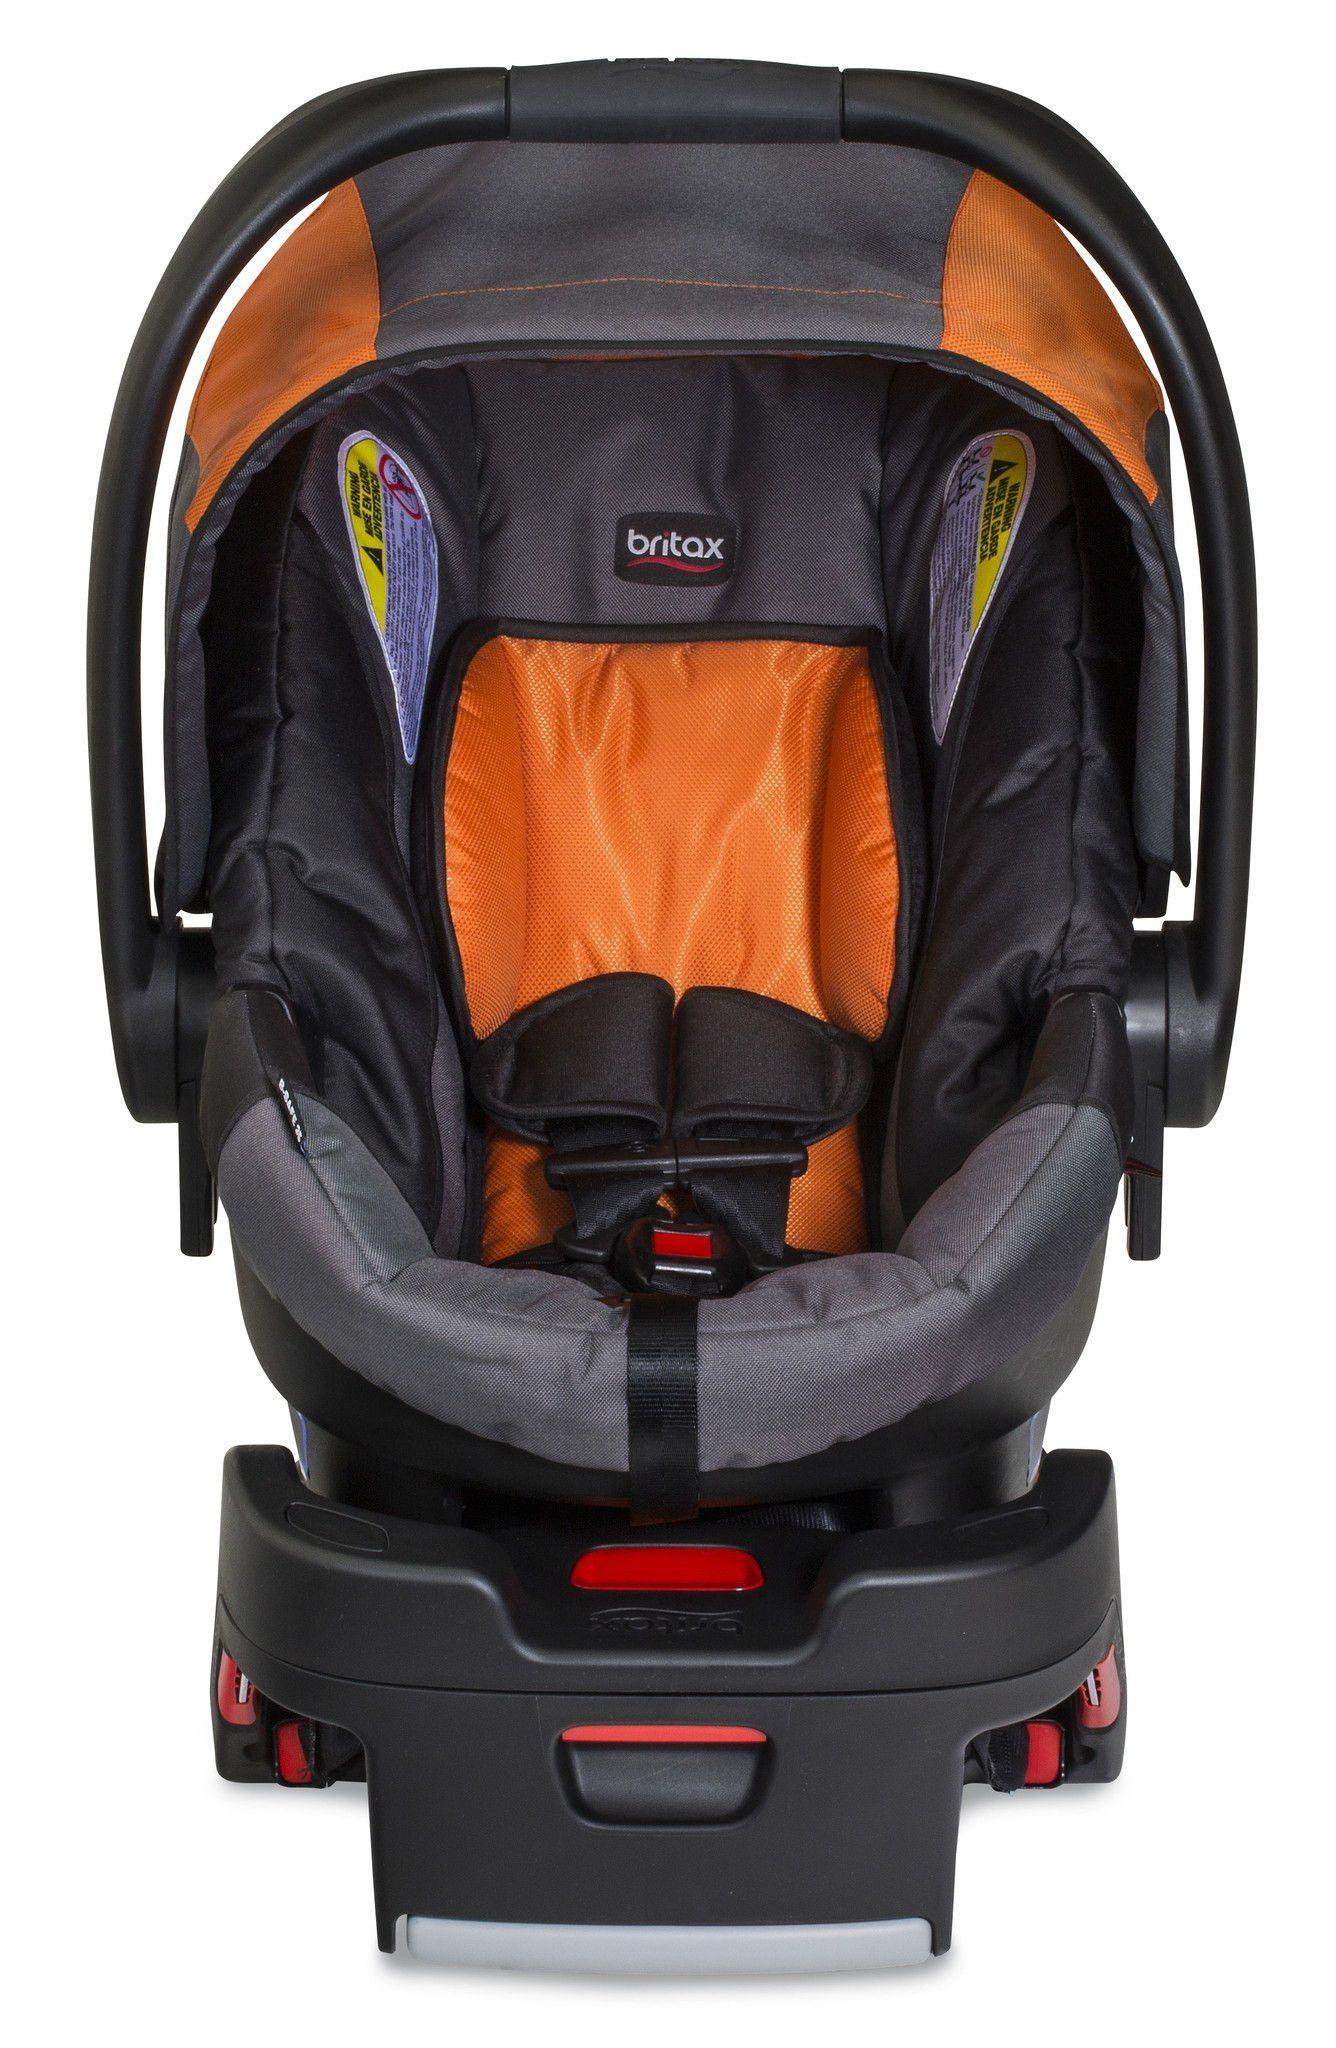 BSafe 35 Infant Car Seat Baby car seats, Car seats